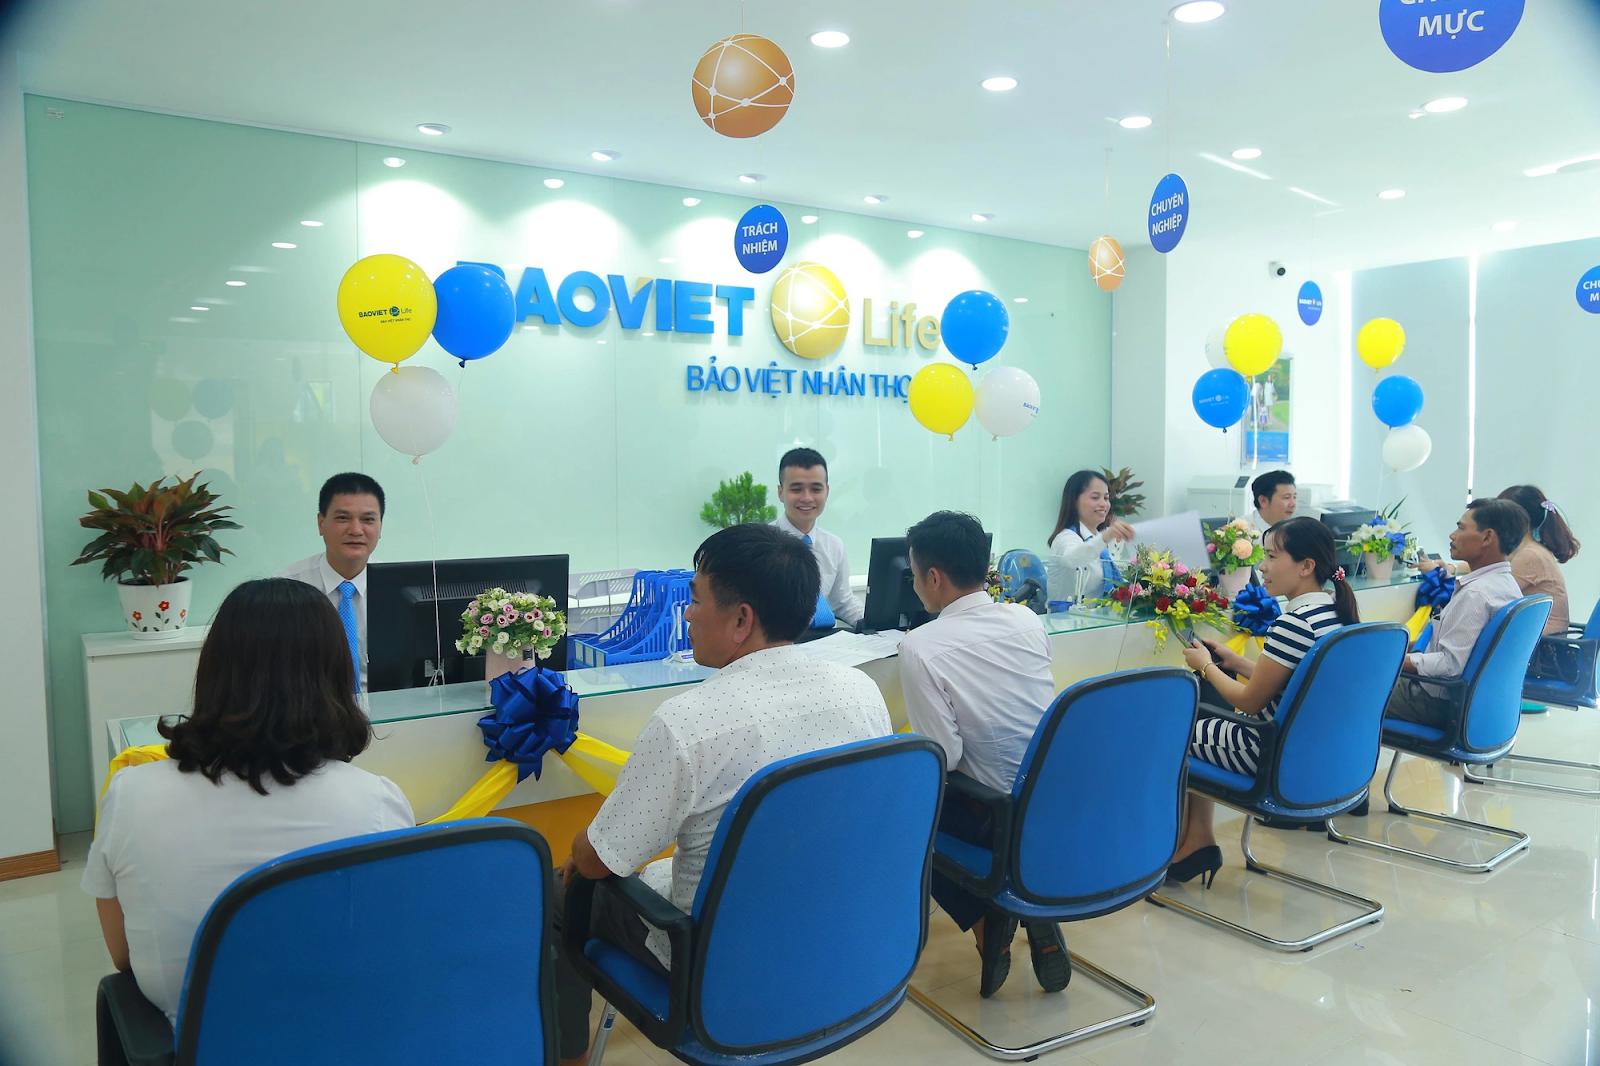 Bảo Việt Nhân Thọ hỗ trợ tối ưu khách hàng duy trì hợp đồng